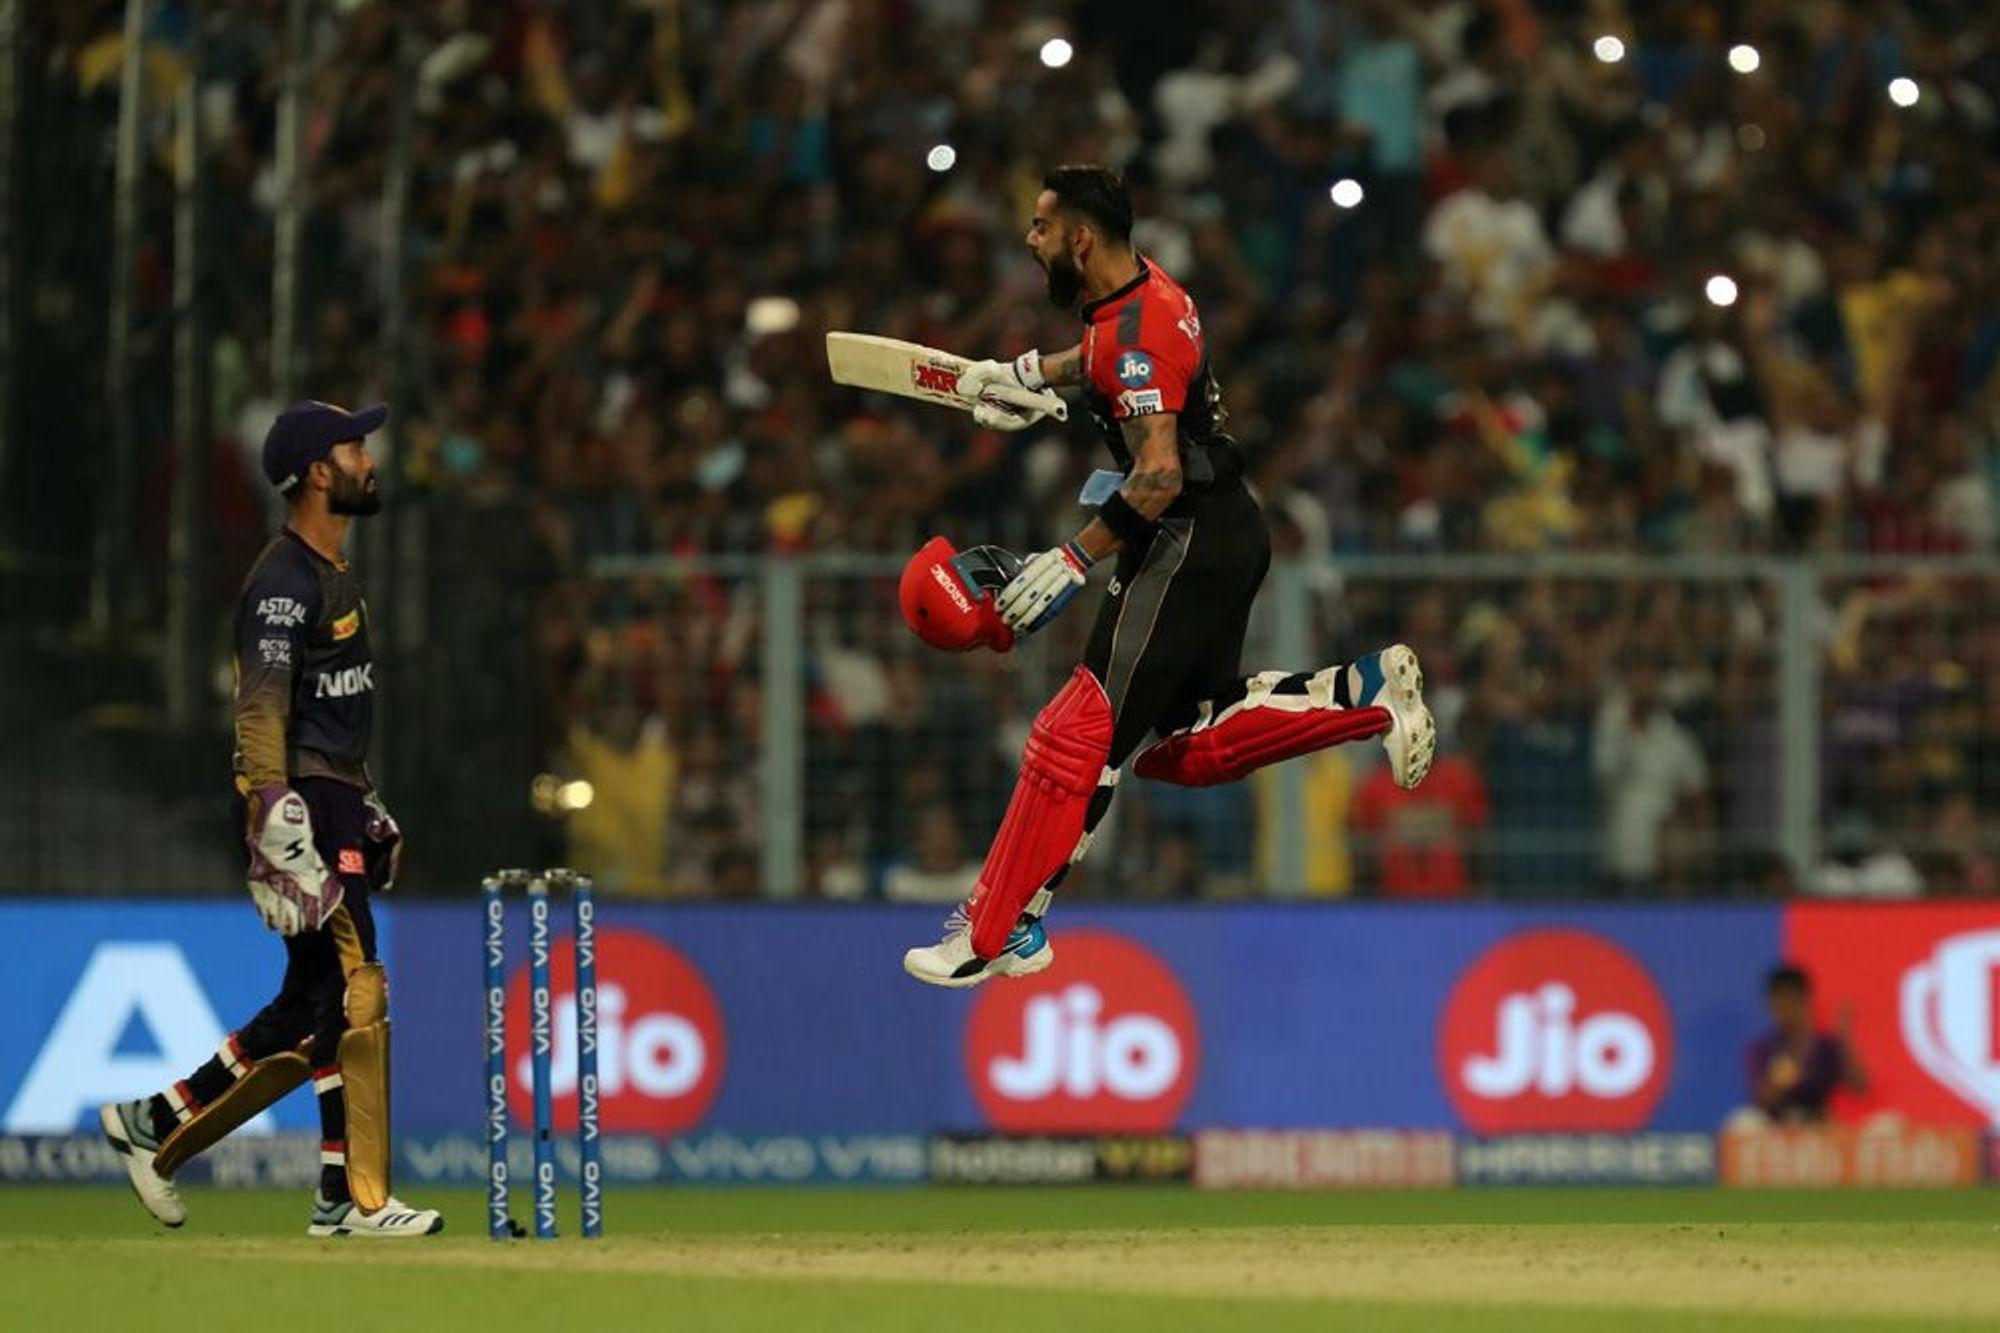 विराट कोहली के दम पर रॉयल चैलेंजर्स बैंगलोर ने कोलकाता नाइटराइडर्स को दस रन से हराकर मौजूदा सीजन में दूसरी जीत हासिल कर ली है. हालांकि वह अभी भी प्वाइंट टेबल में सबसे नीचे बनी हुई है. आरसीबी ने अब तक खेले 9 मैचों में से सात गंवाए हैं तो दो बार जीत मिली है. जबकि केकेआर के खिलाफ विराट कोहली ने शतक जड़कर कई रिकॉर्ड अपने नाम कर लिए हैं.(photo-iplt20.com)